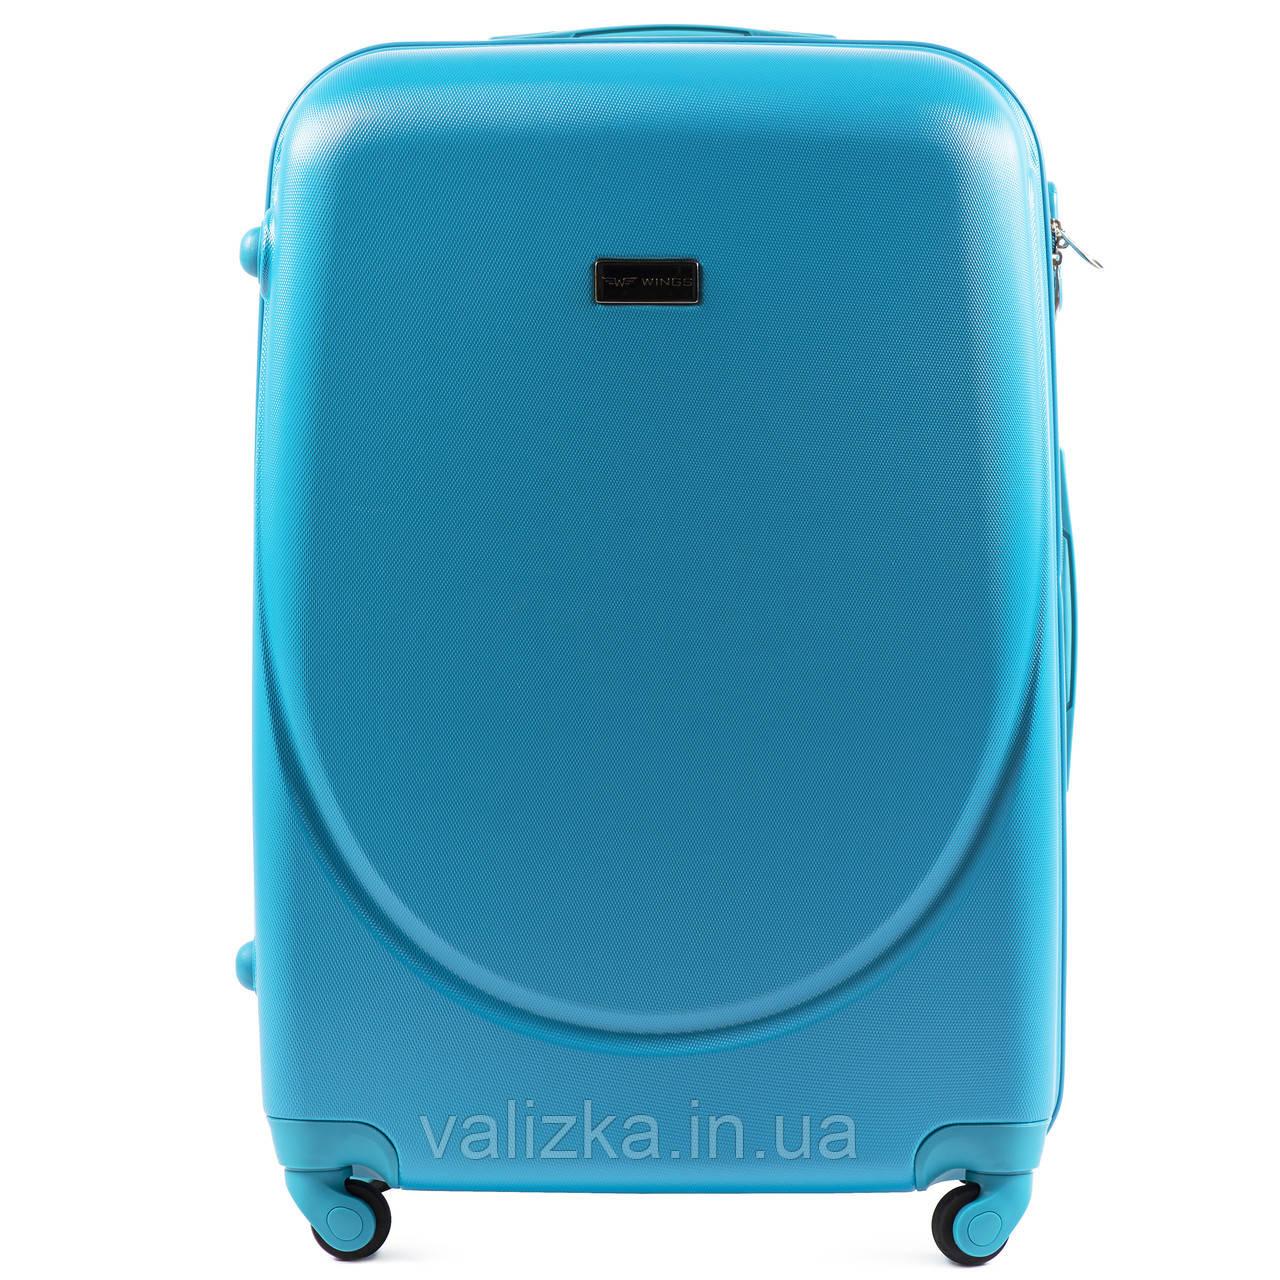 Большой пластиковый чемодан с фурнитурой в цвет голубой